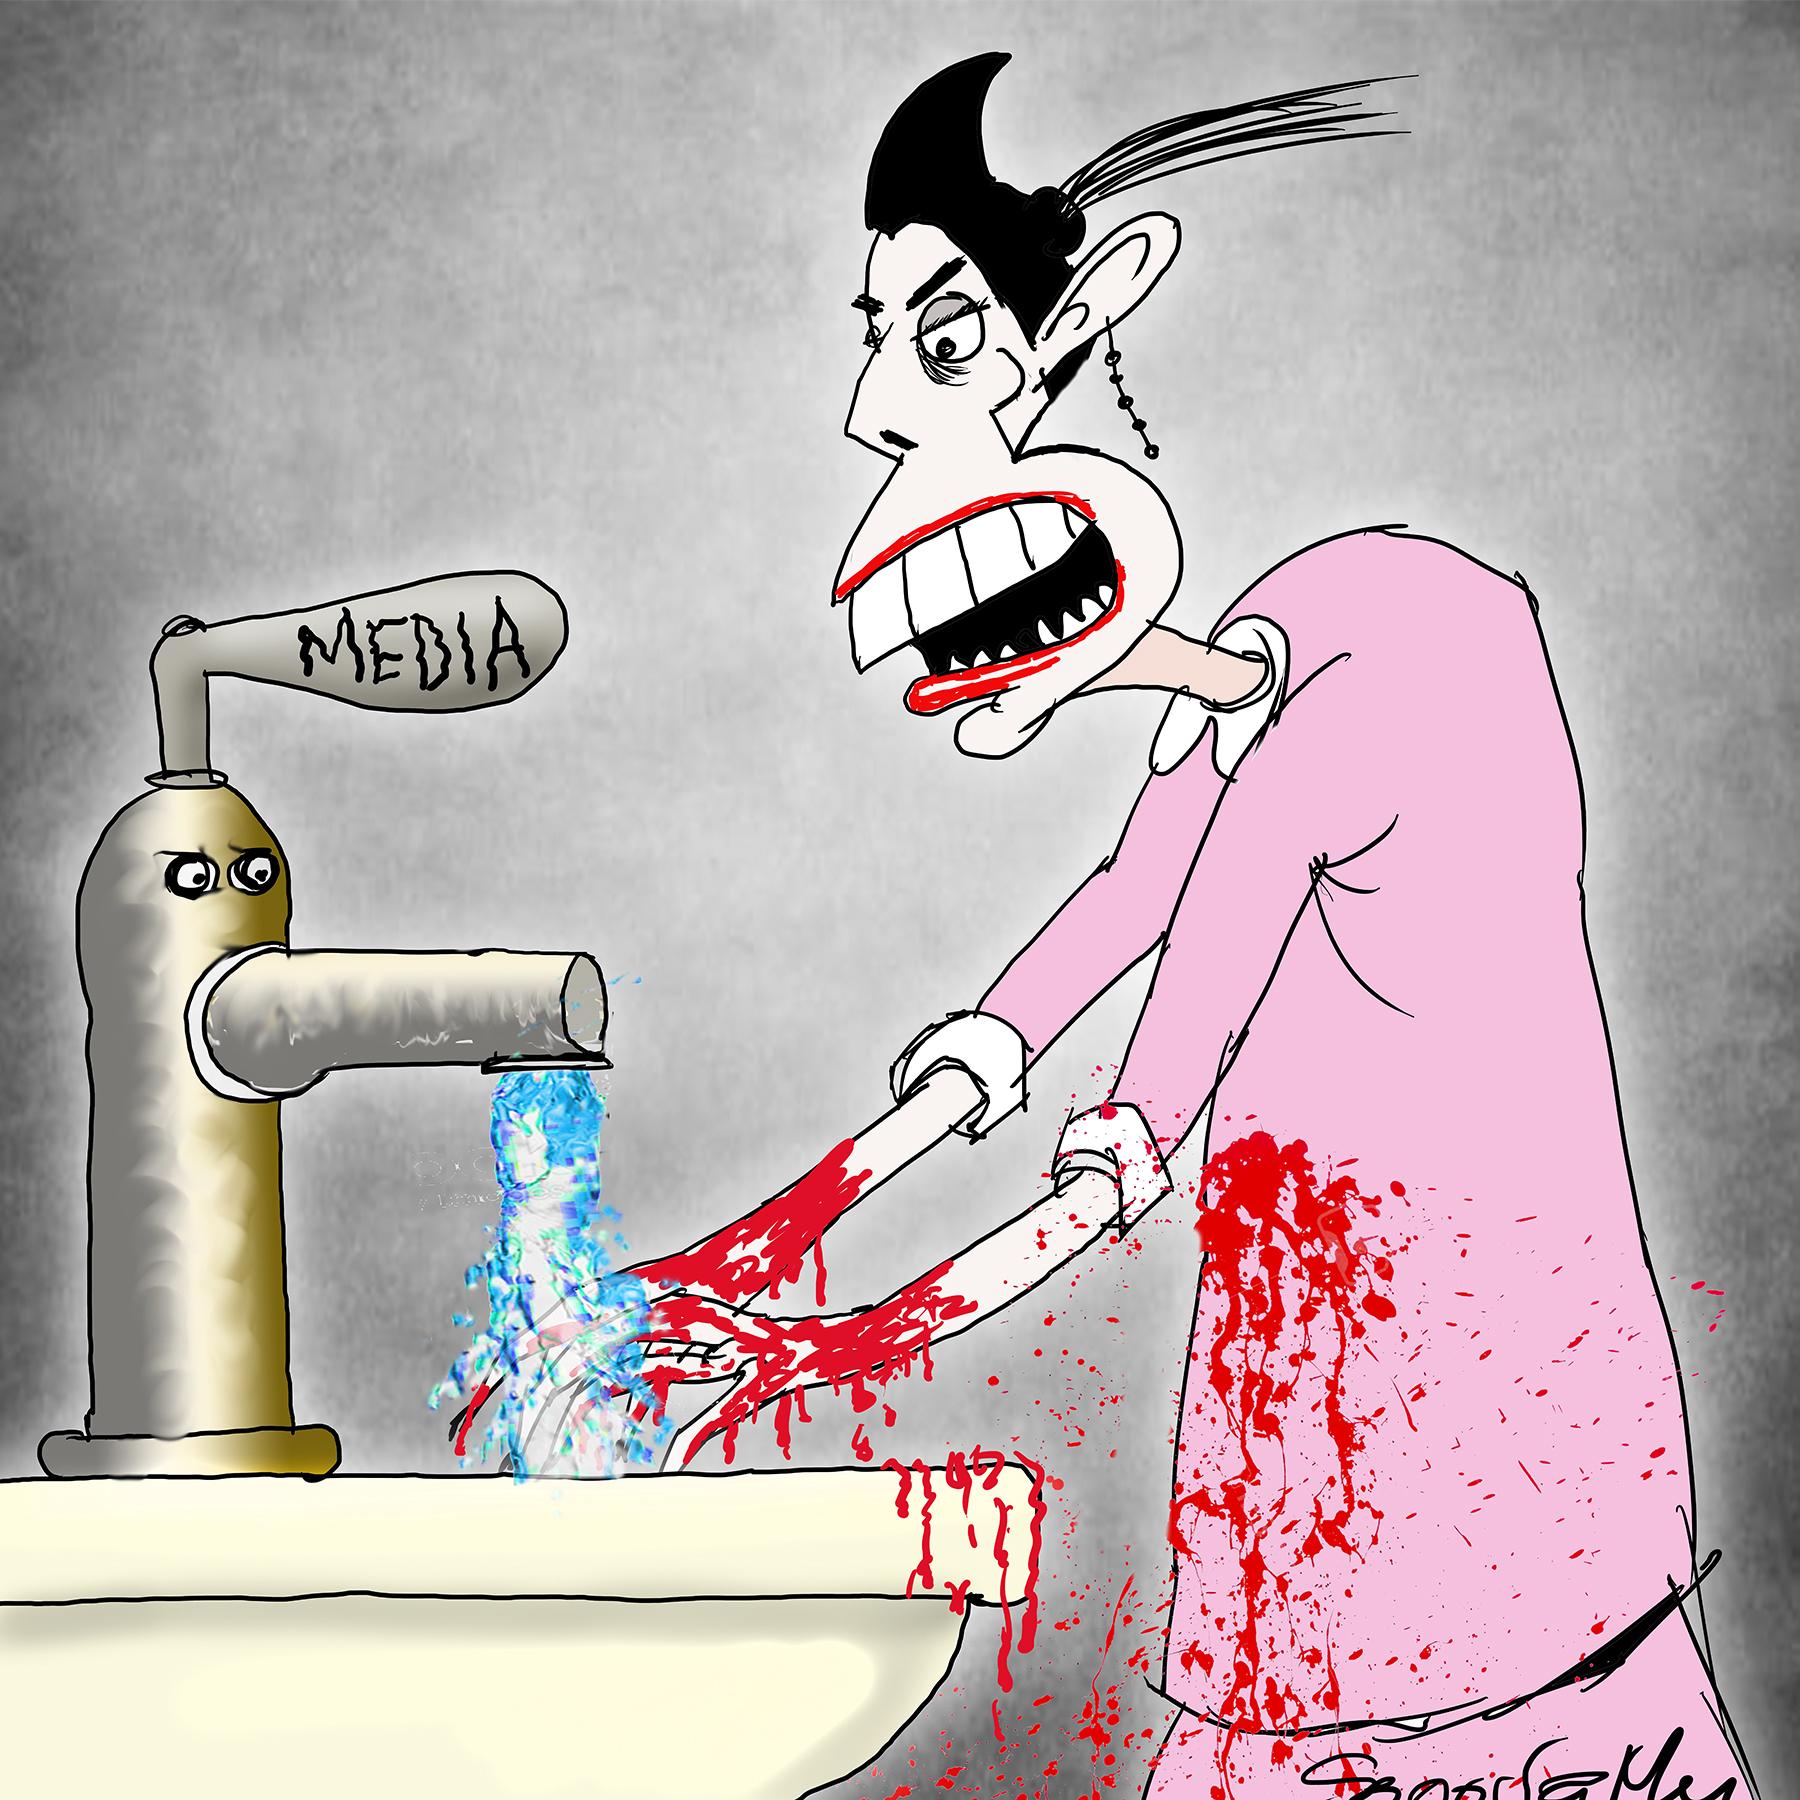 Free Taste: Cartoons by SonovaMin